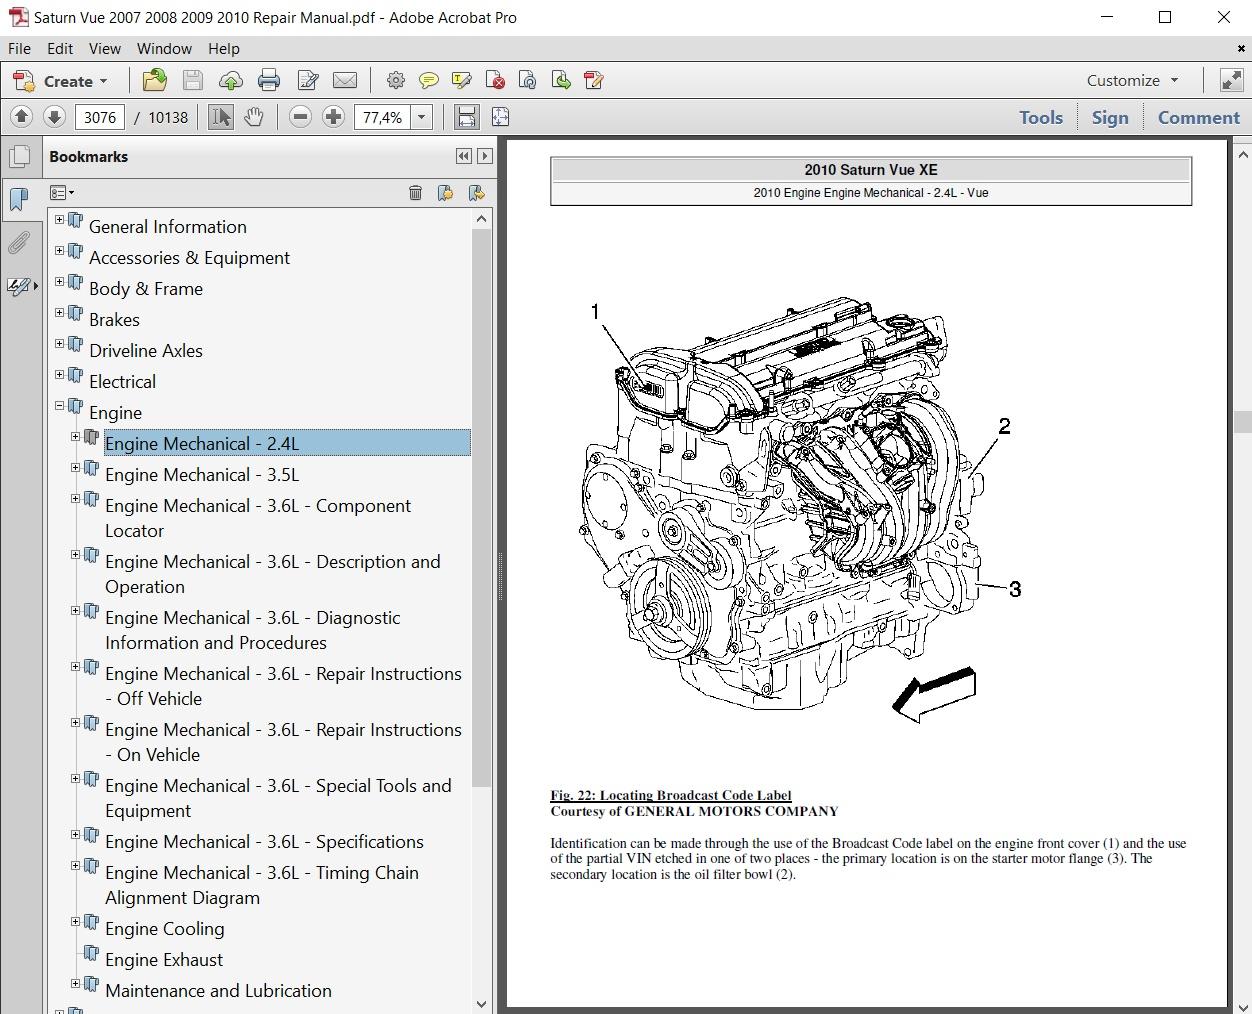 hight resolution of saturn vue 2007 2008 2009 2010 repair manual autoservicerepair saturn vue repair diagrams